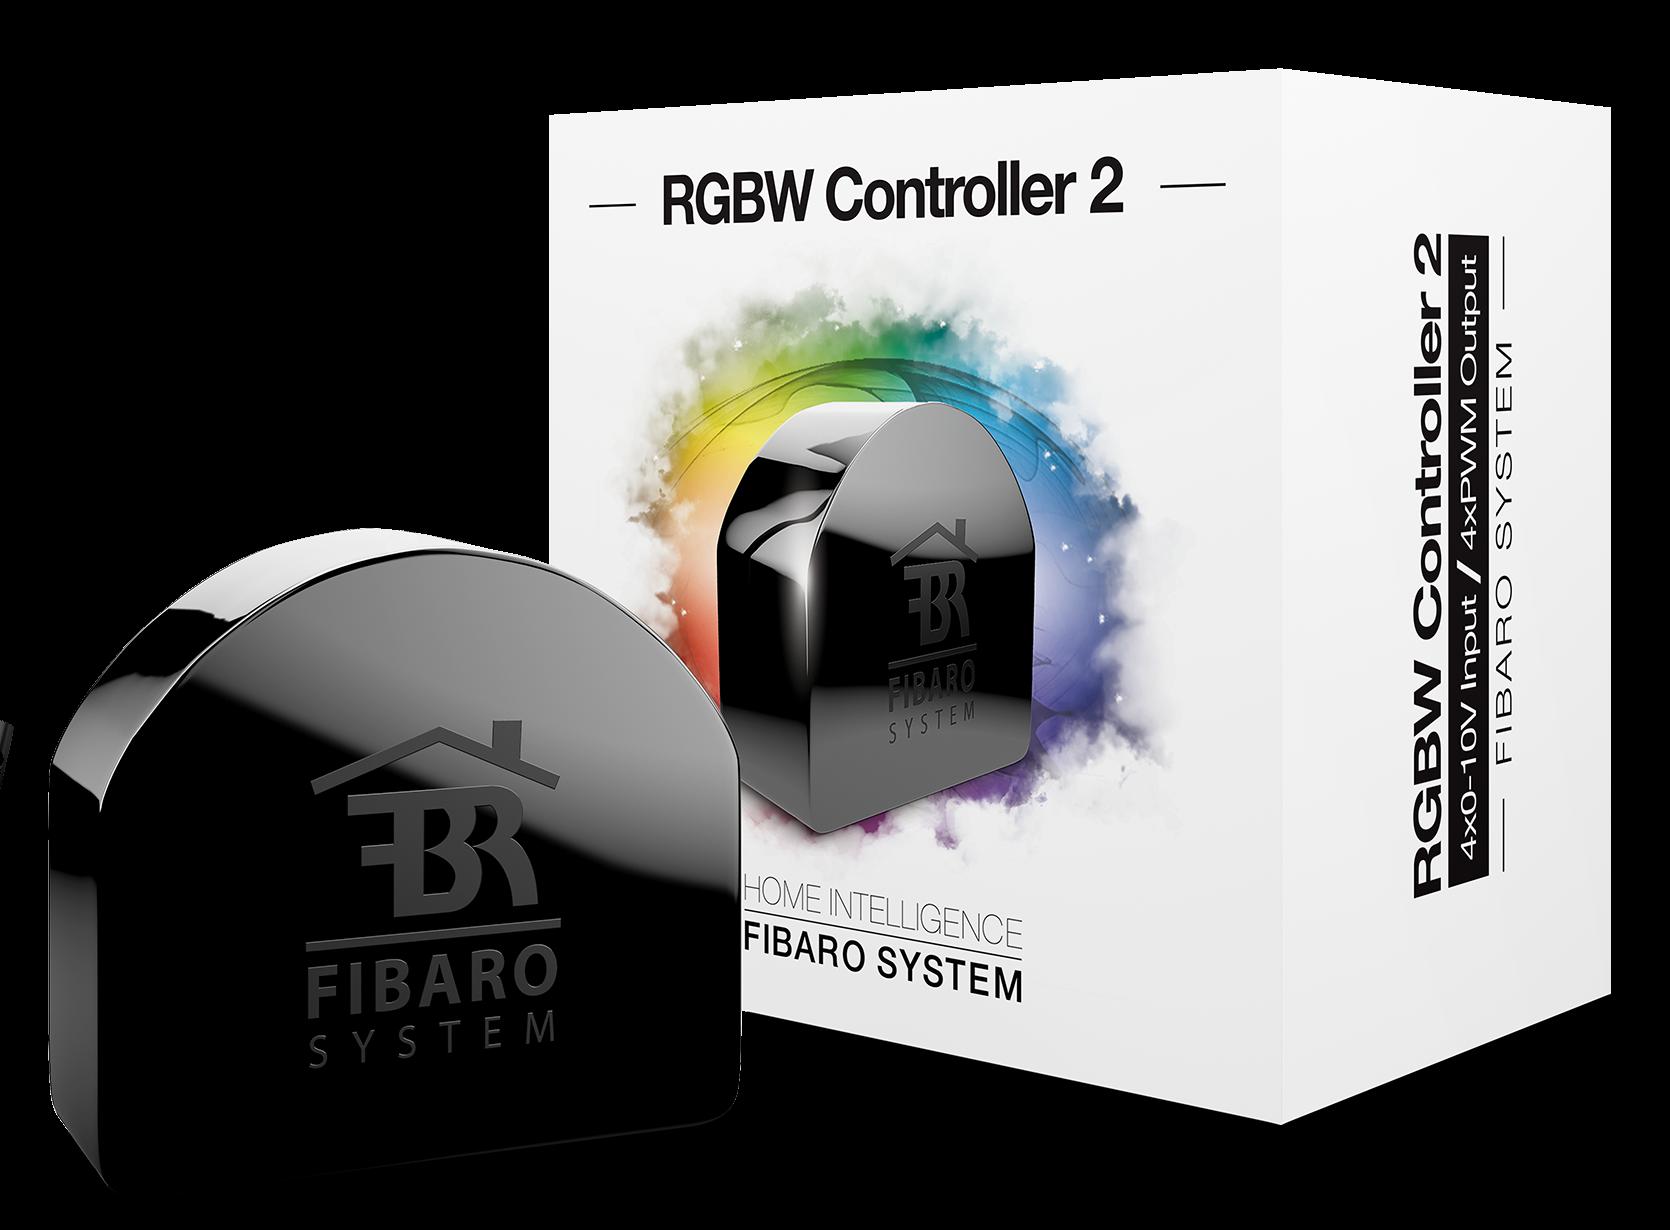 ماژول RGBW